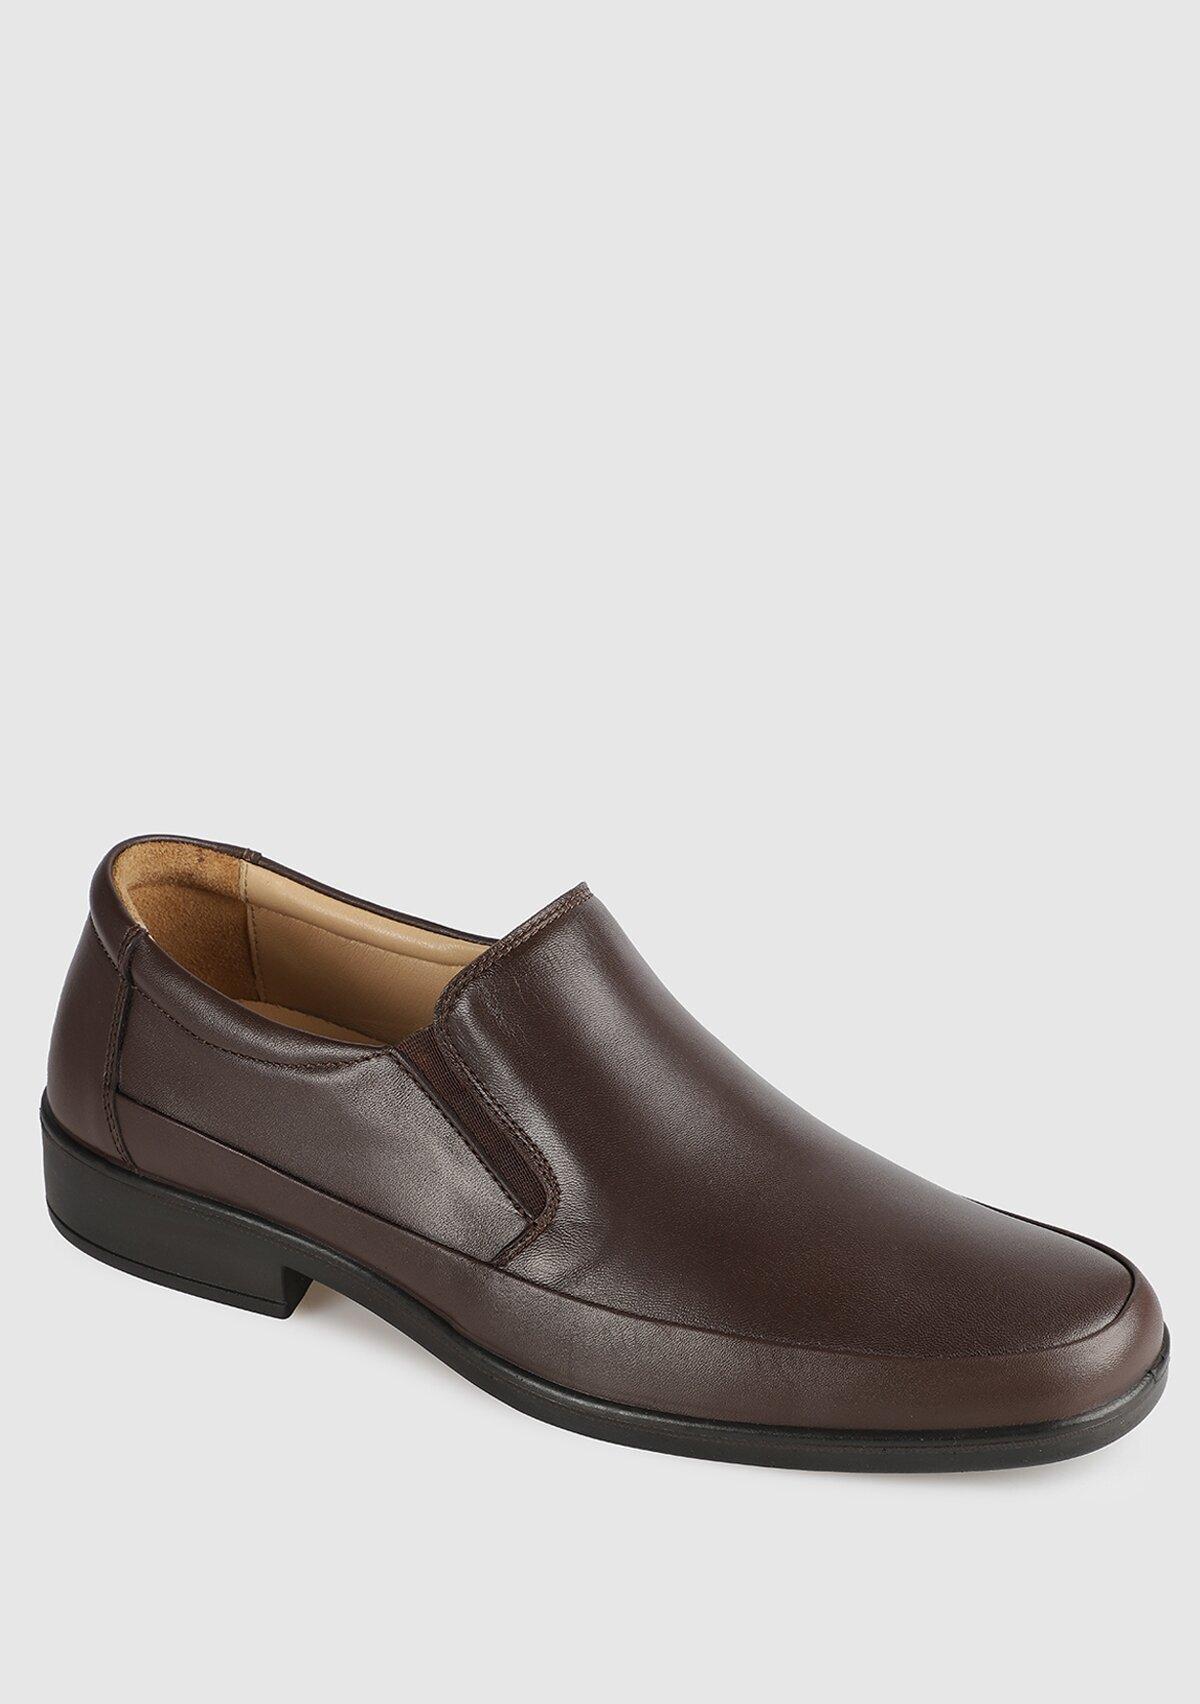 resm Kahve Deri Erkek Konfor Ayakkabı